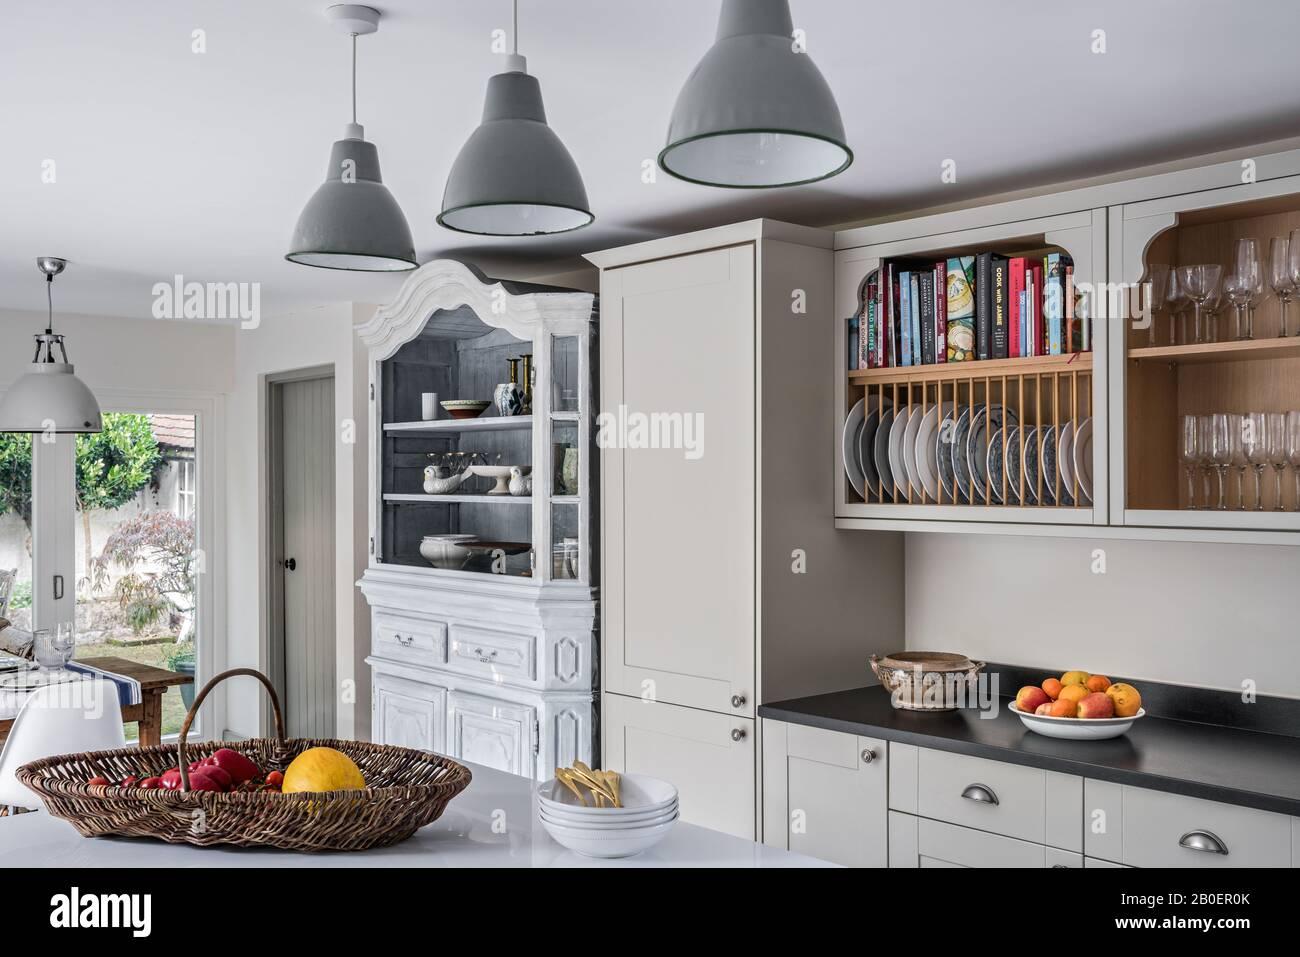 Armoire belge en chêne, datant des années 1940 avec des abat-jour peints en usine d'Amiens dans une cuisine de style Quaker avec porte-plaques au-dessus du plan de travail en granit. Banque D'Images